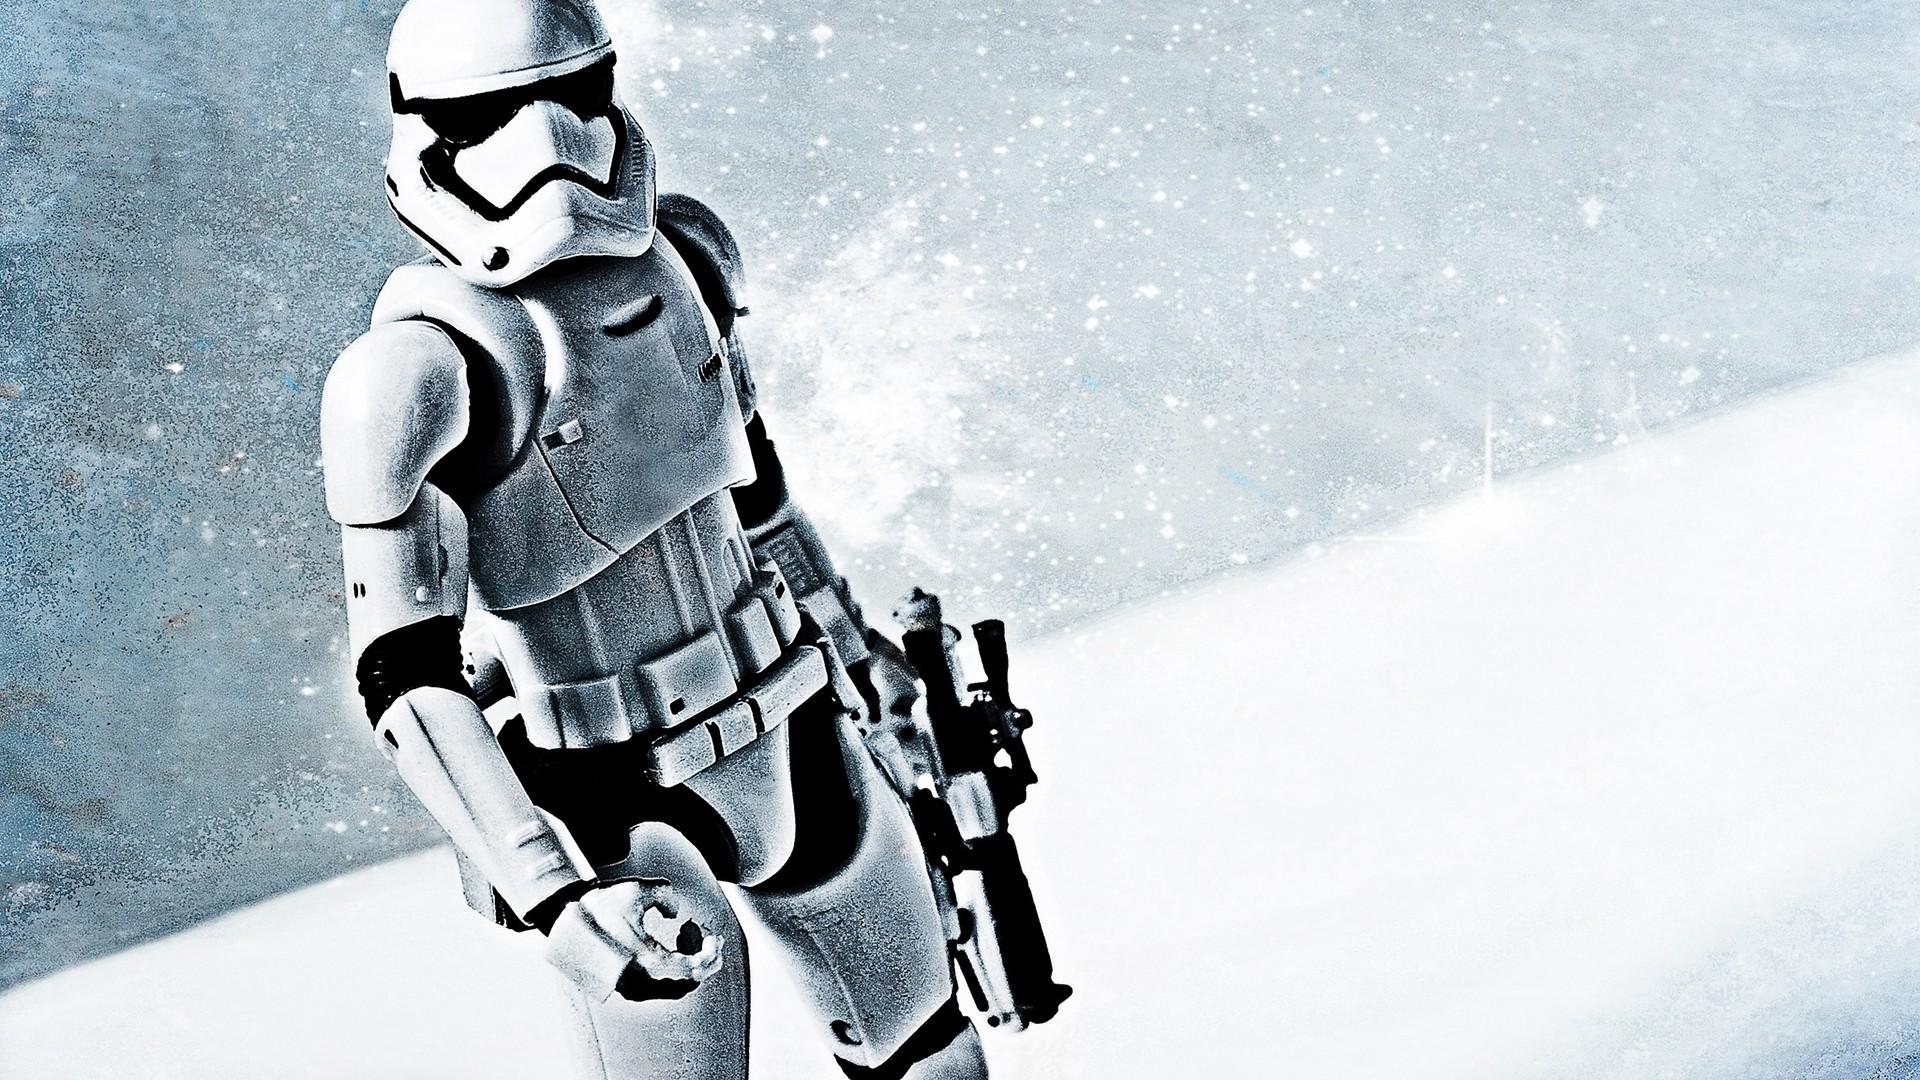 Stormtrooper Download Wallpaper